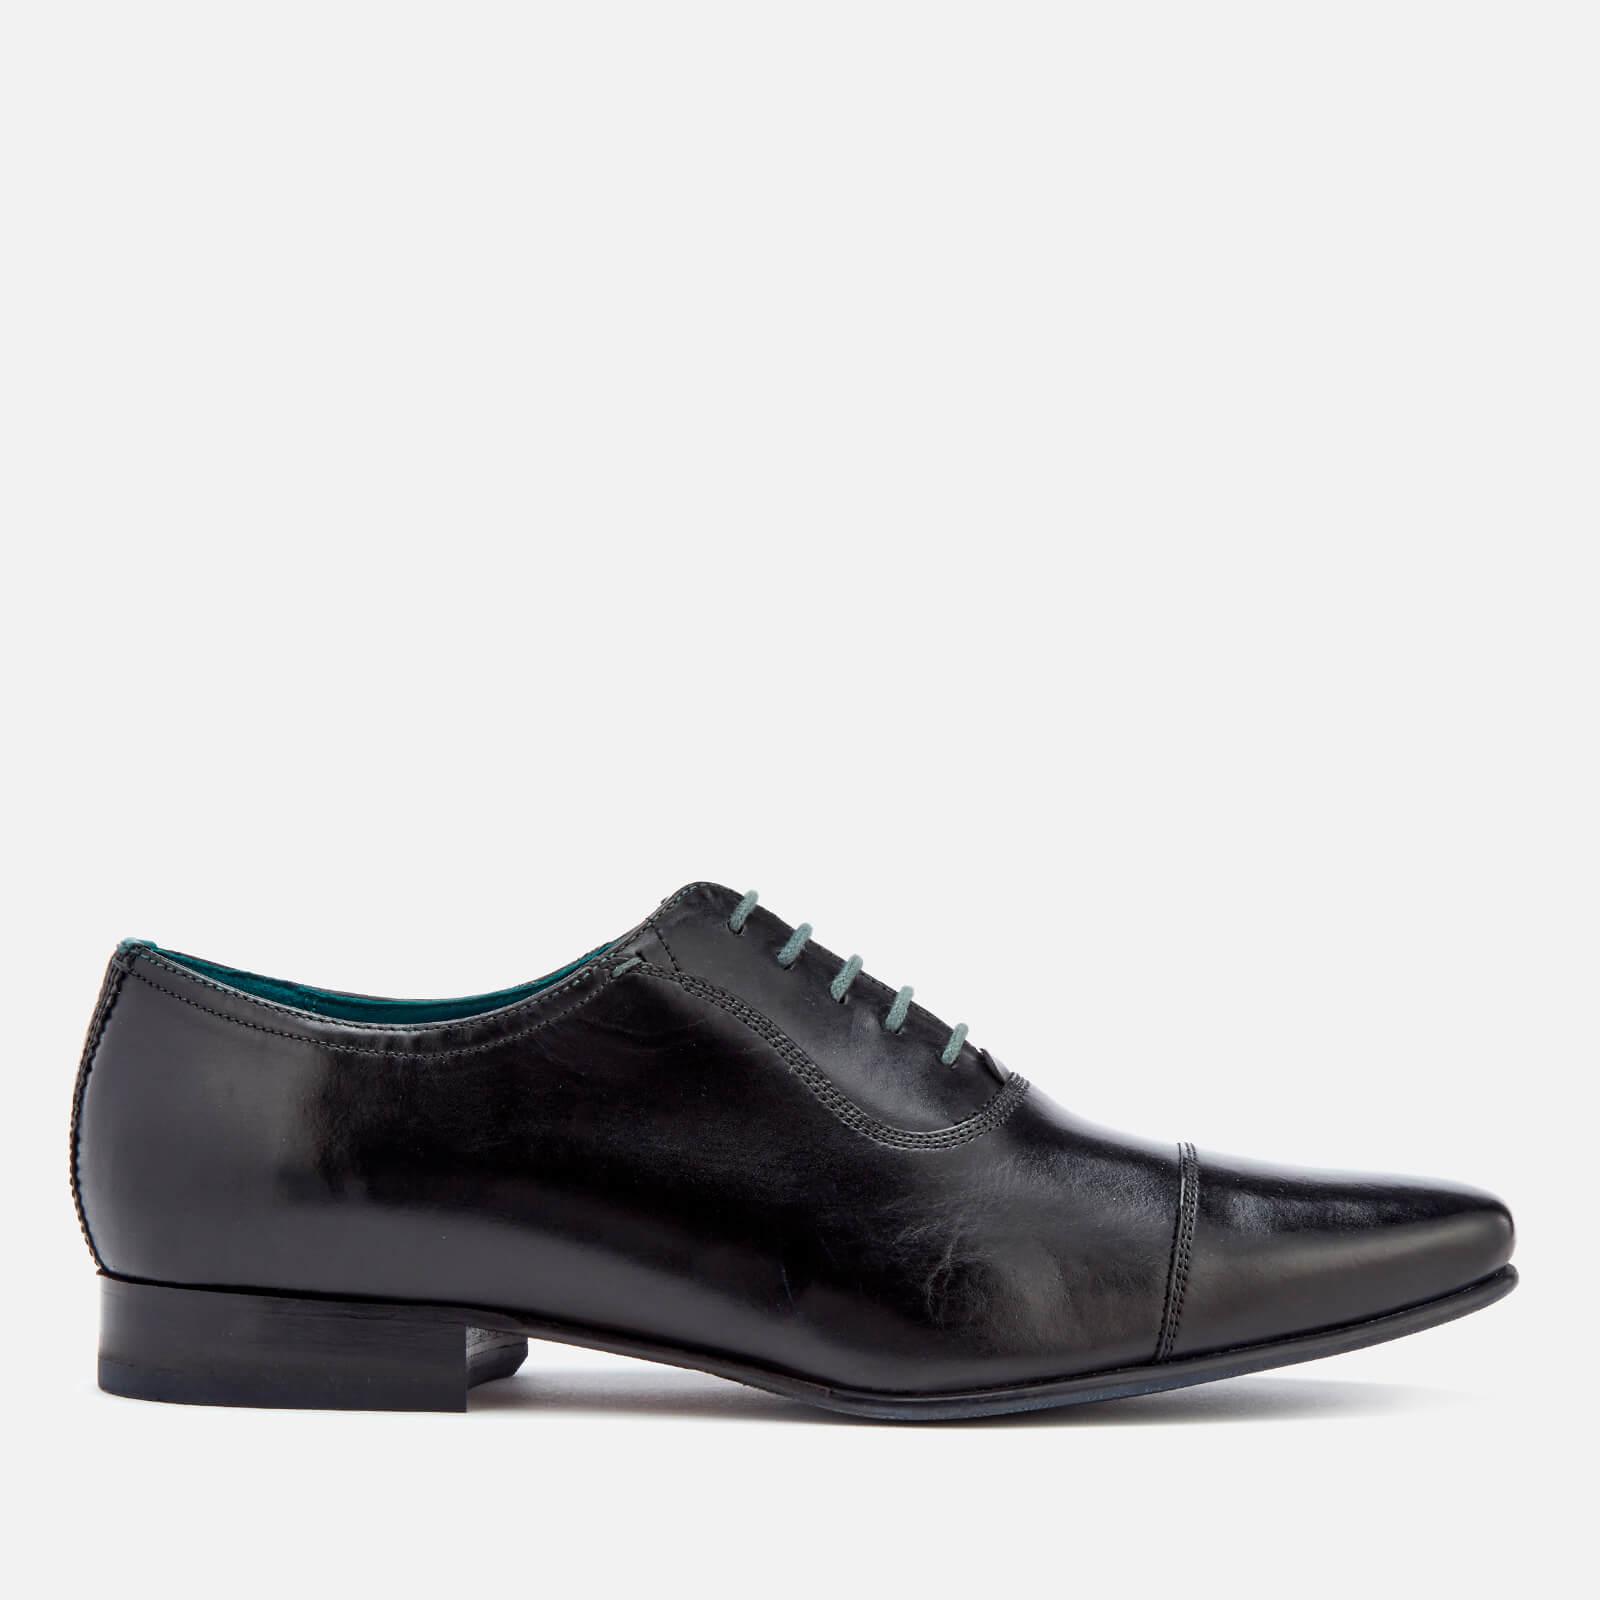 Ted Baker Men's Karney Leather Toe-Cap Oxford Shoes - Black - UK 11